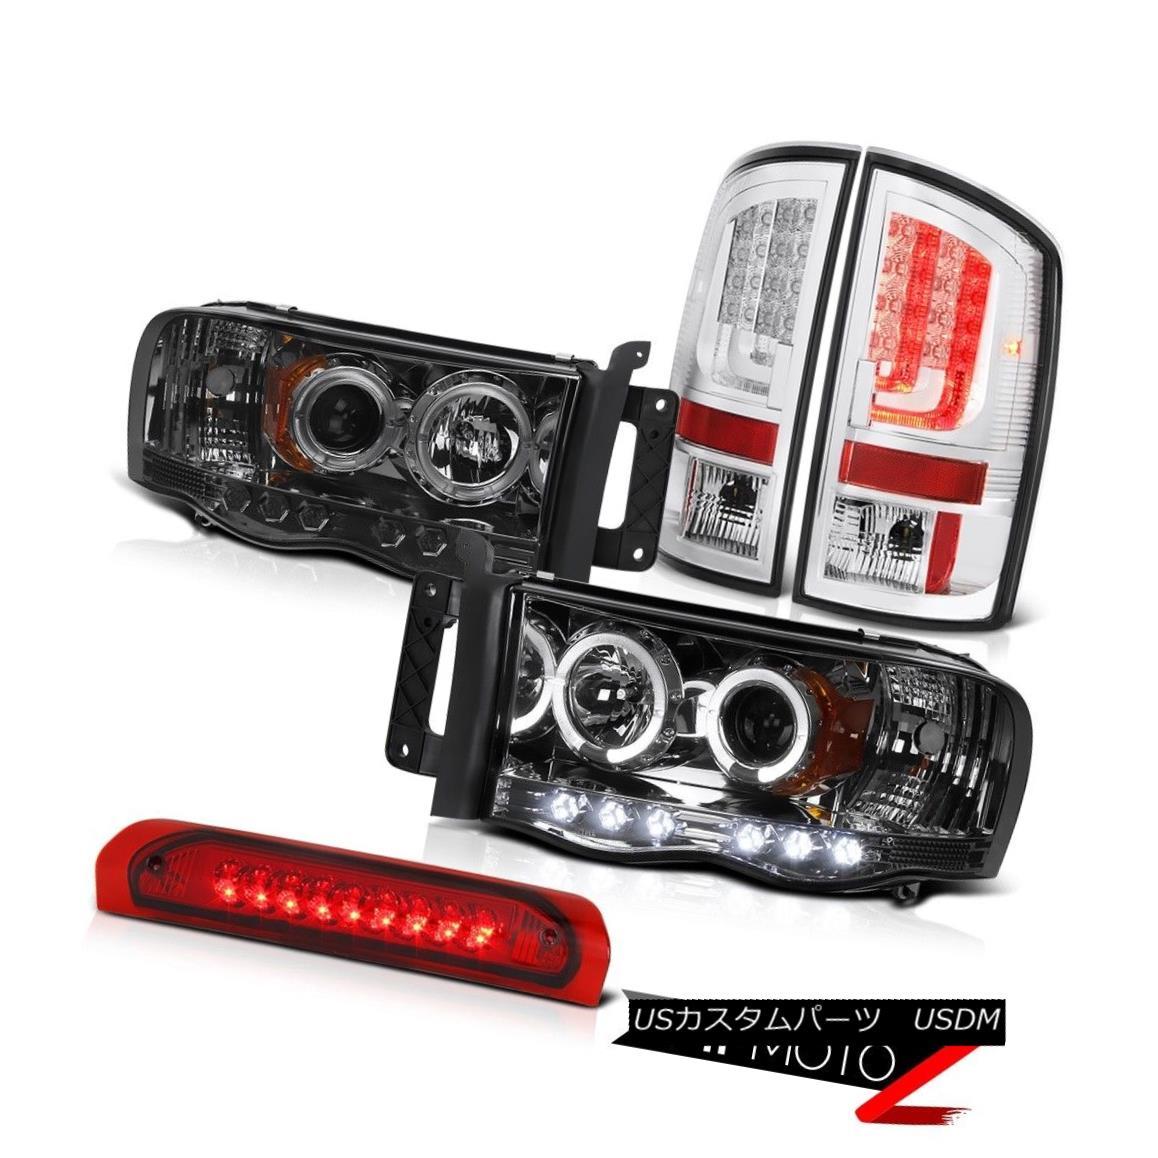 テールライト 2003-2005 Dodge Ram 1500 4.7L Tail Lights Headlights 3RD Brake Light